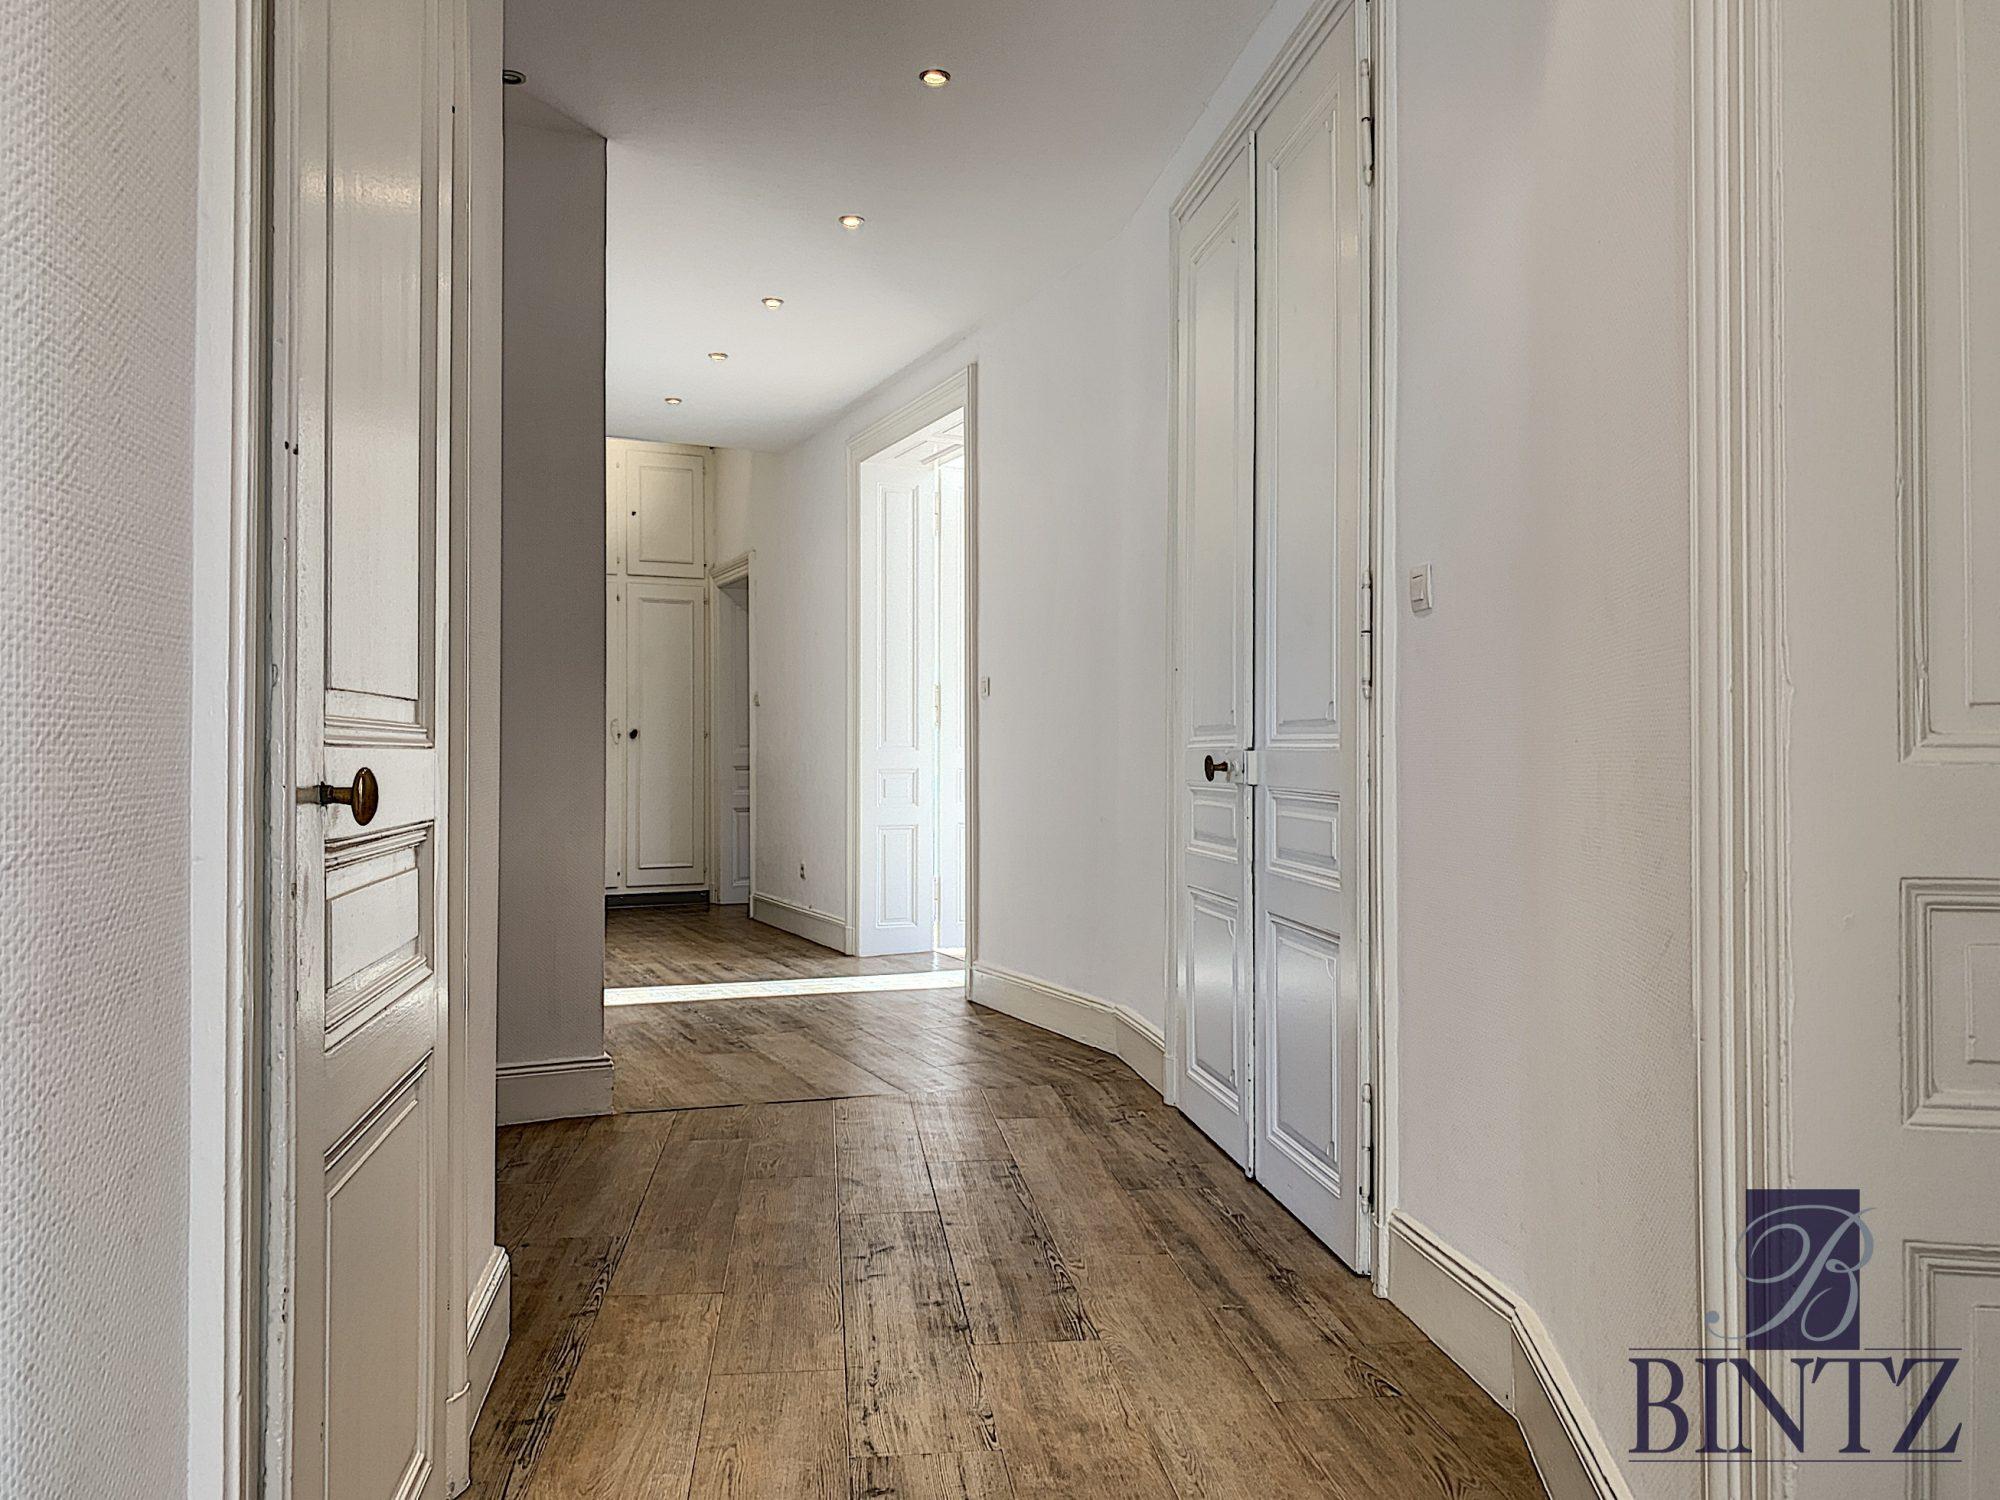 Exceptionnel 6pièces au Coeur de la NEUSTADT - Devenez locataire en toute sérénité - Bintz Immobilier - 17